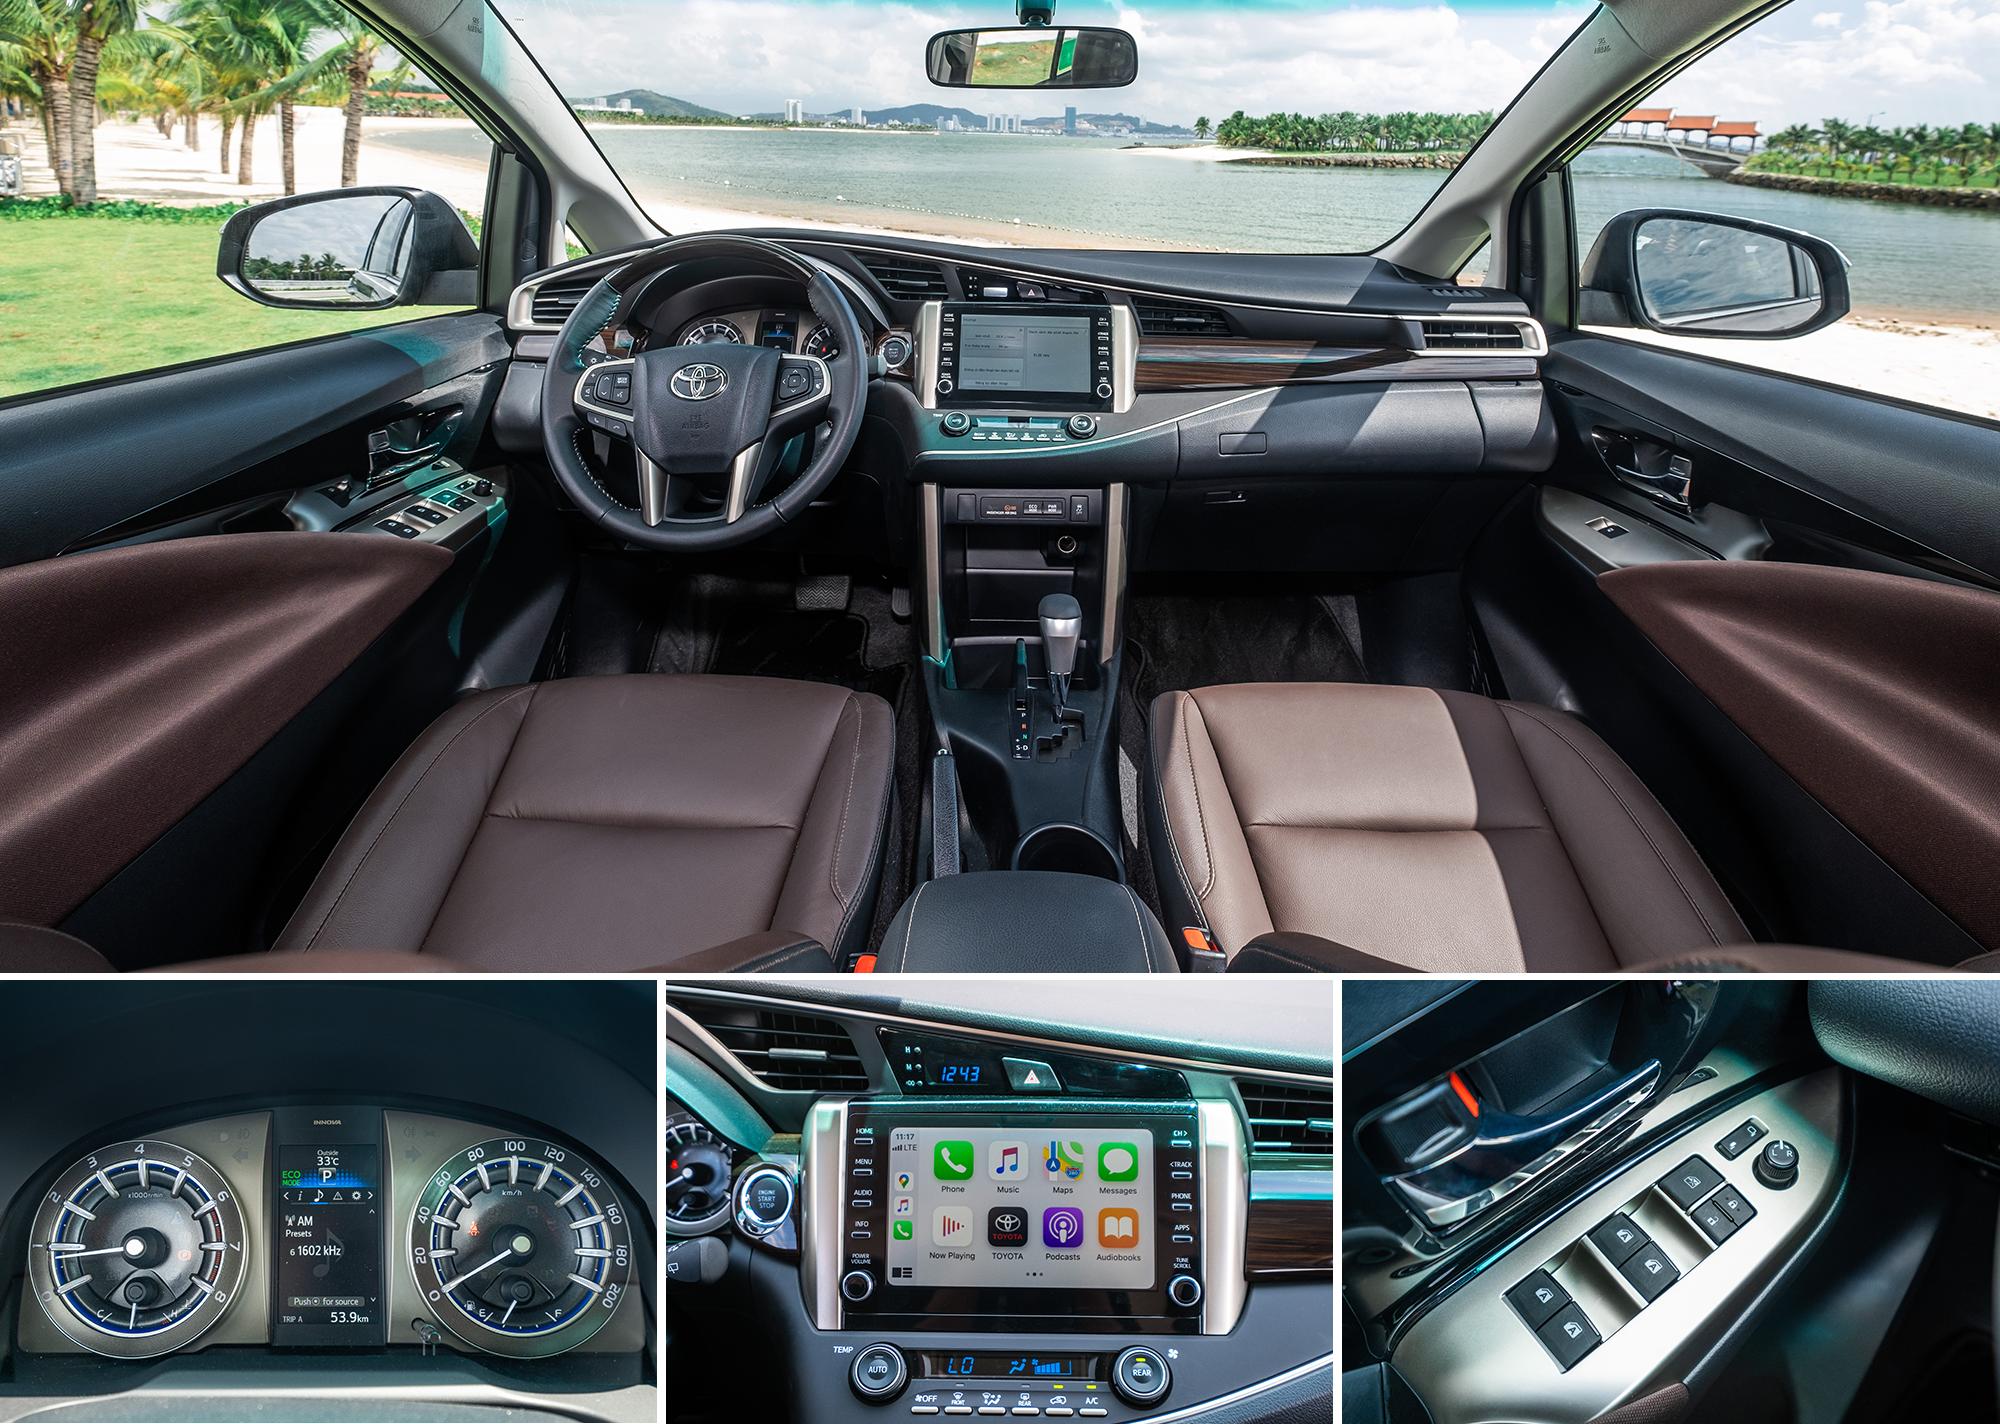 Tăng cường công nghệ cho thế hệ Innova 2020, Toyota khẳng định vị thế ông lớn tại thị trường Việt Nam - Ảnh 12.